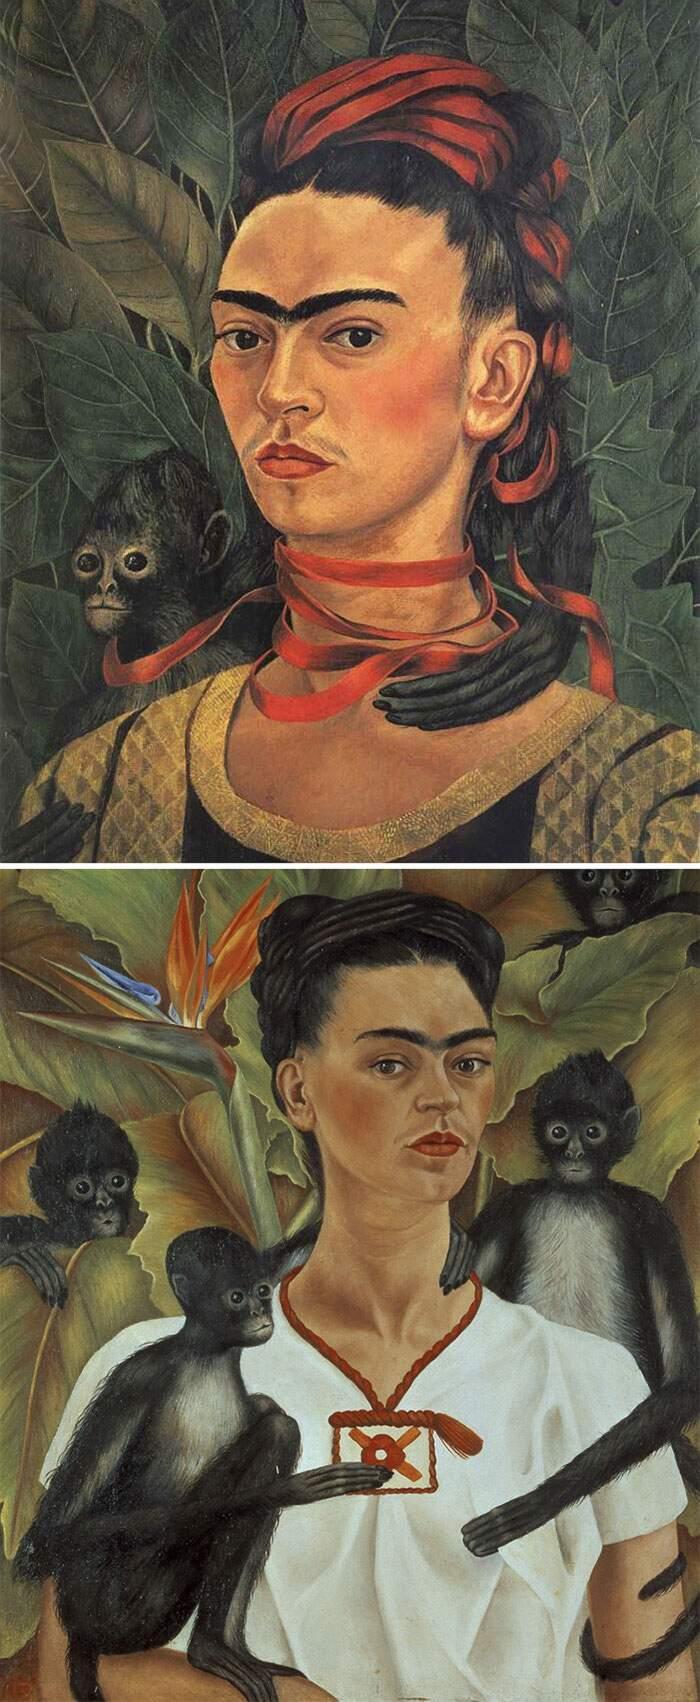 Come riconoscere artisti famosi dai loro quadri, Frida Kahlo